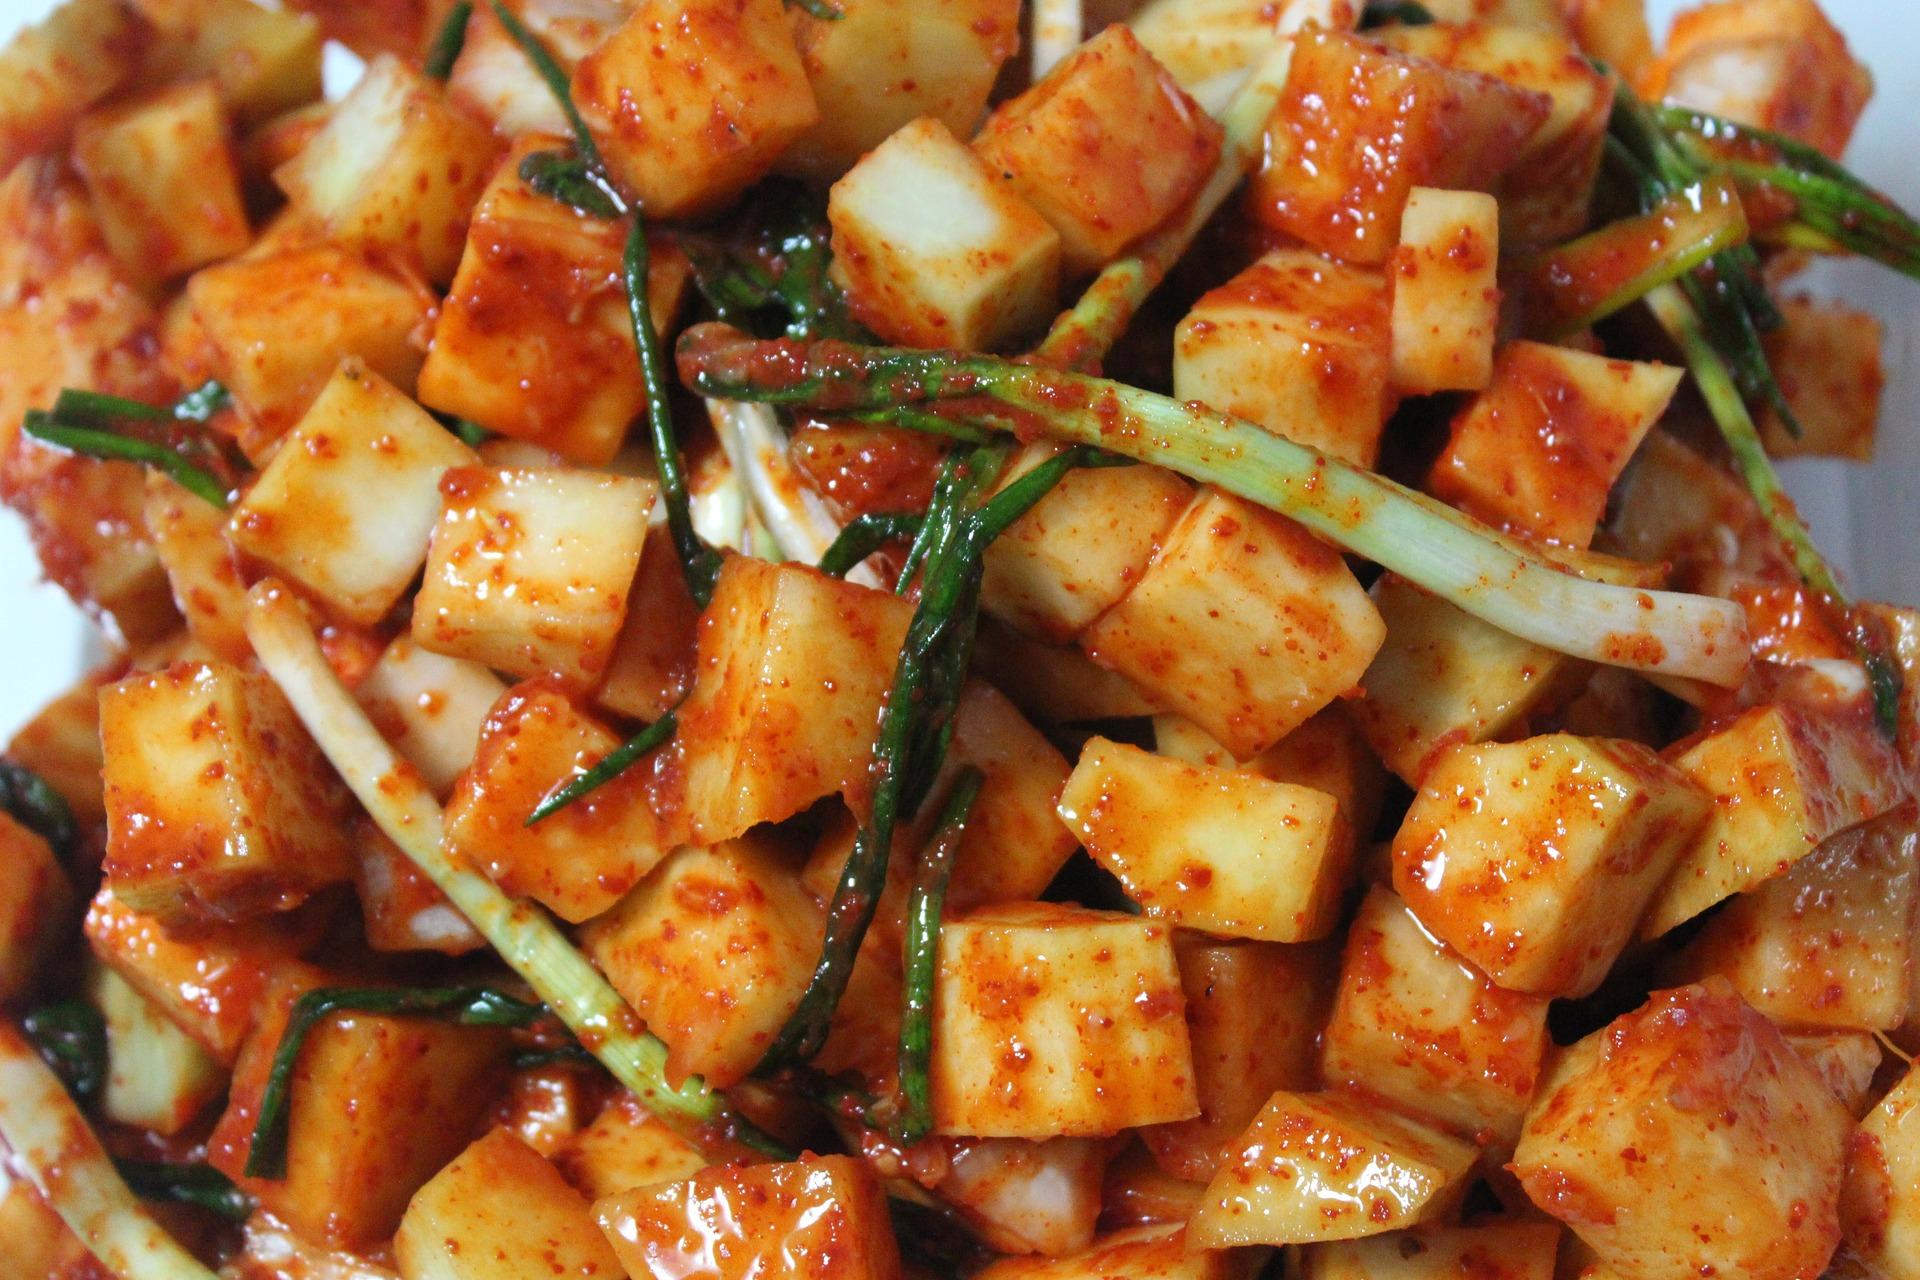 kimchi-1193154_1920.jpg